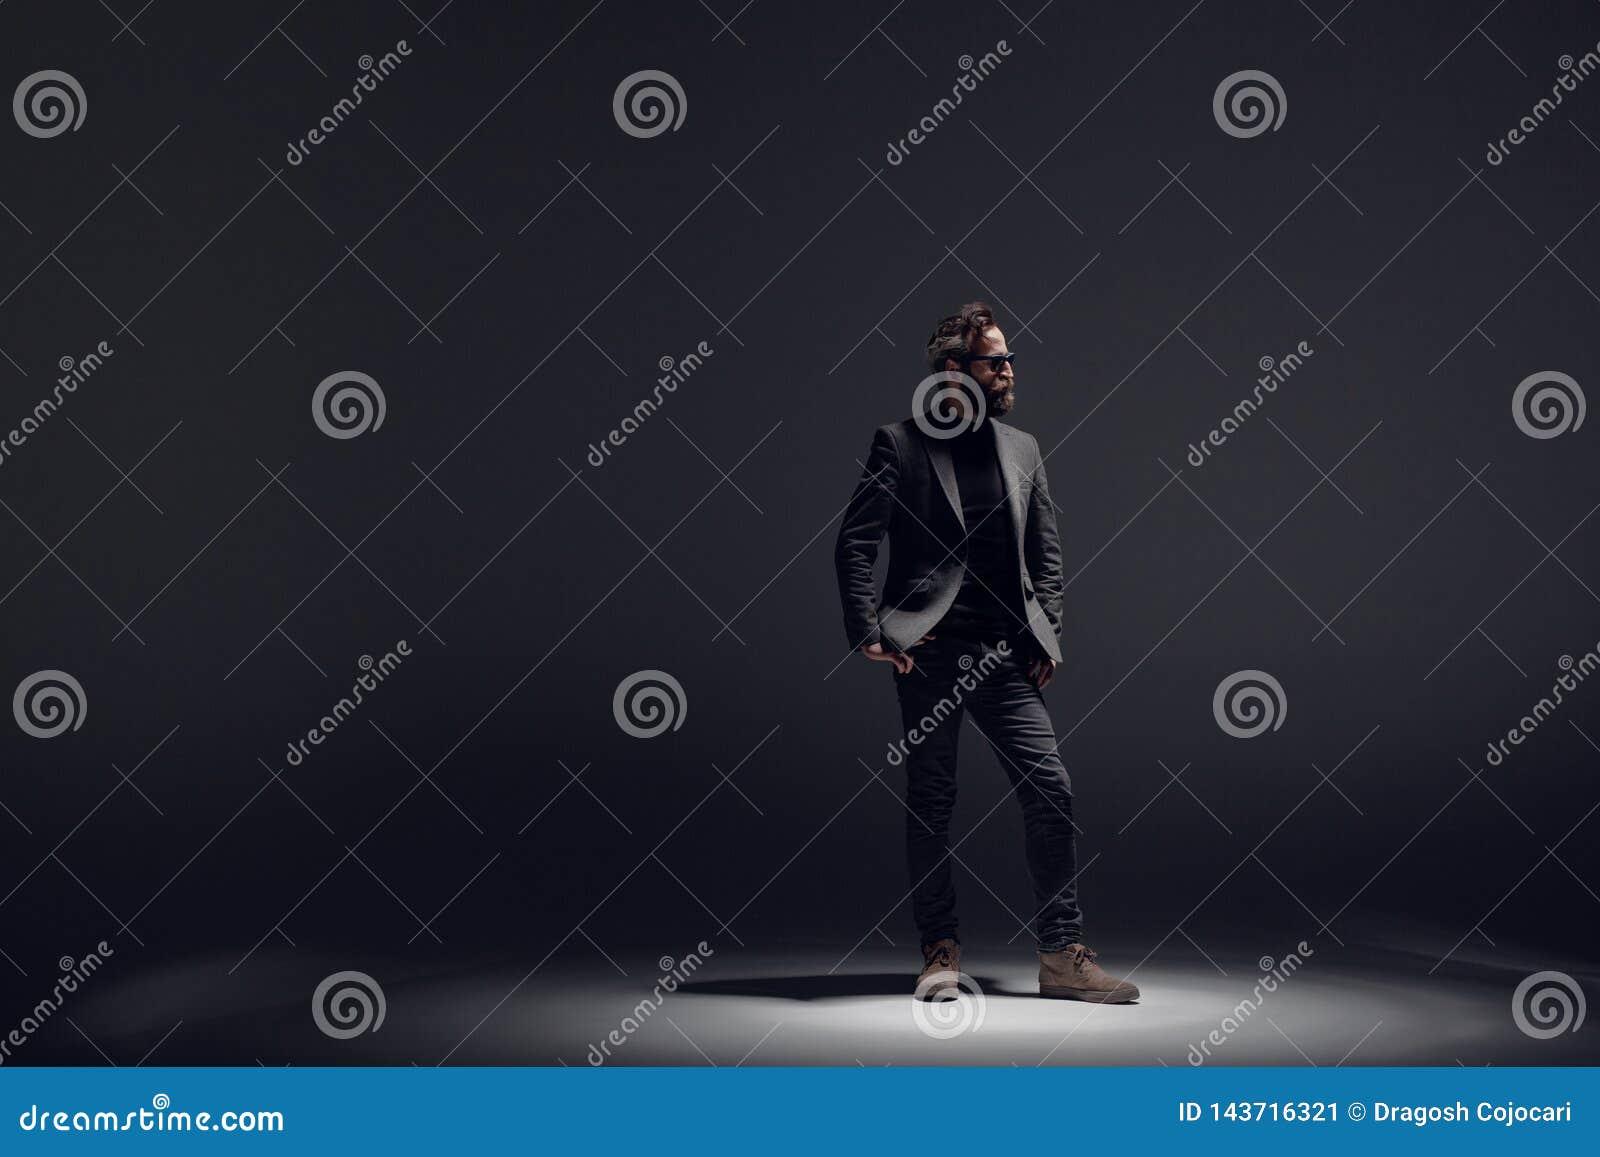 Den stiliga skäggiga mannen som bär i svart dräkt, poserar i profil i studio, på en mörk lighttbakgrund